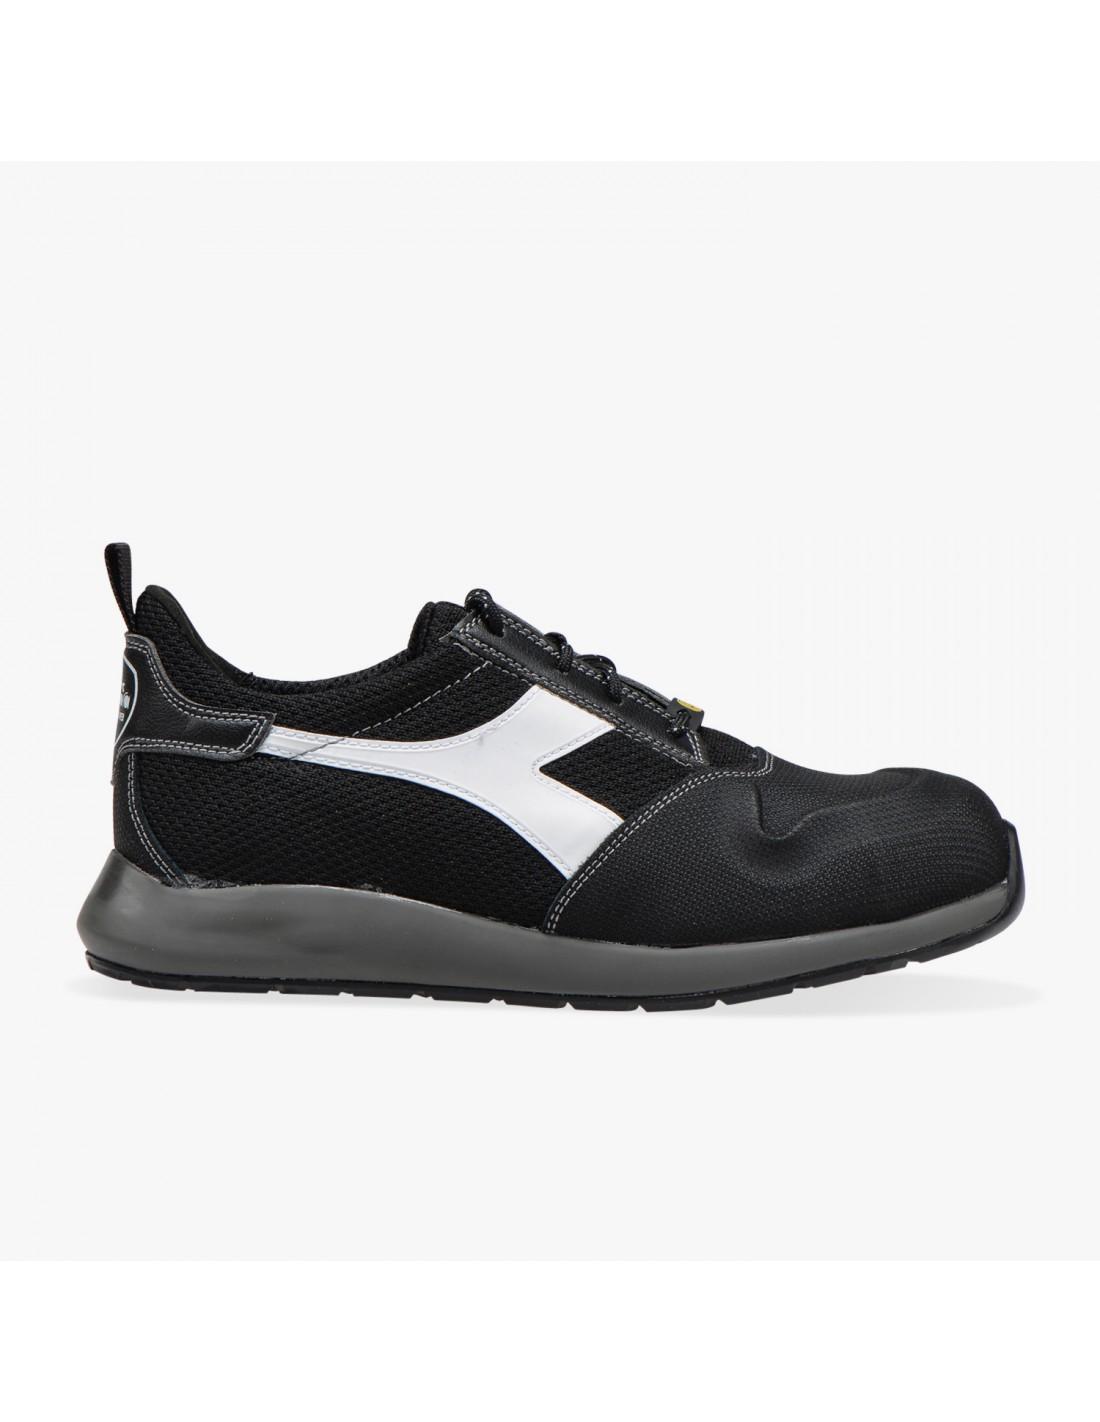 Zapatillas de seguridad ligeras y flexibles diadora glove for Zapatillas de seguridad